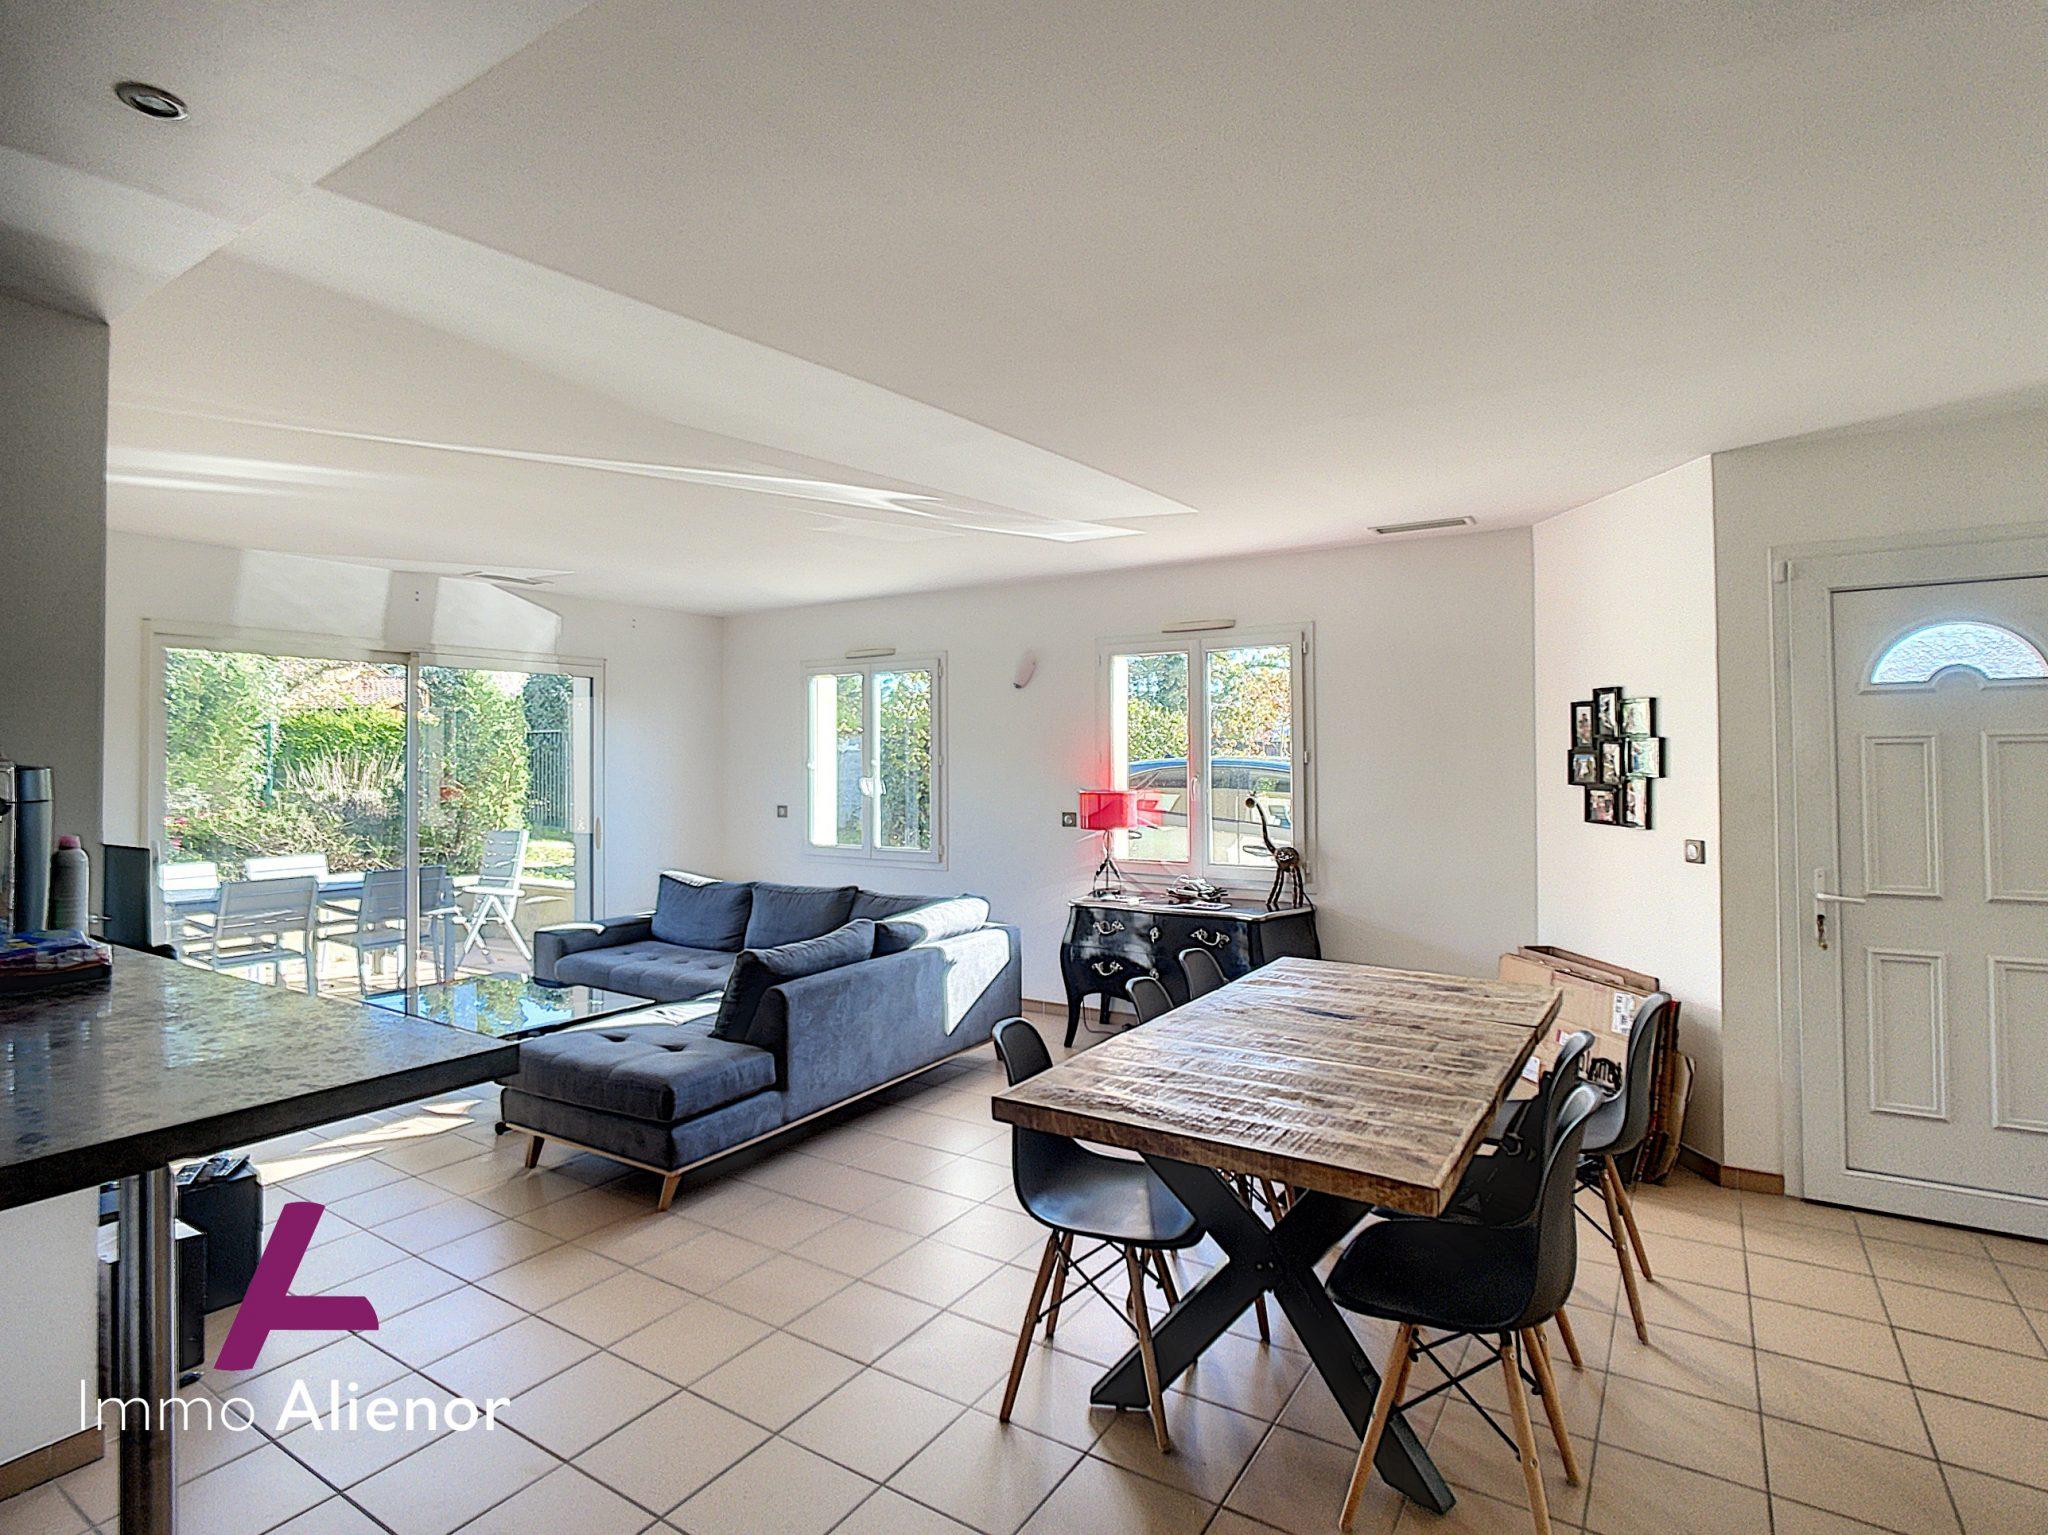 Maison 4 pièces de 95 m² à Sallebœuf